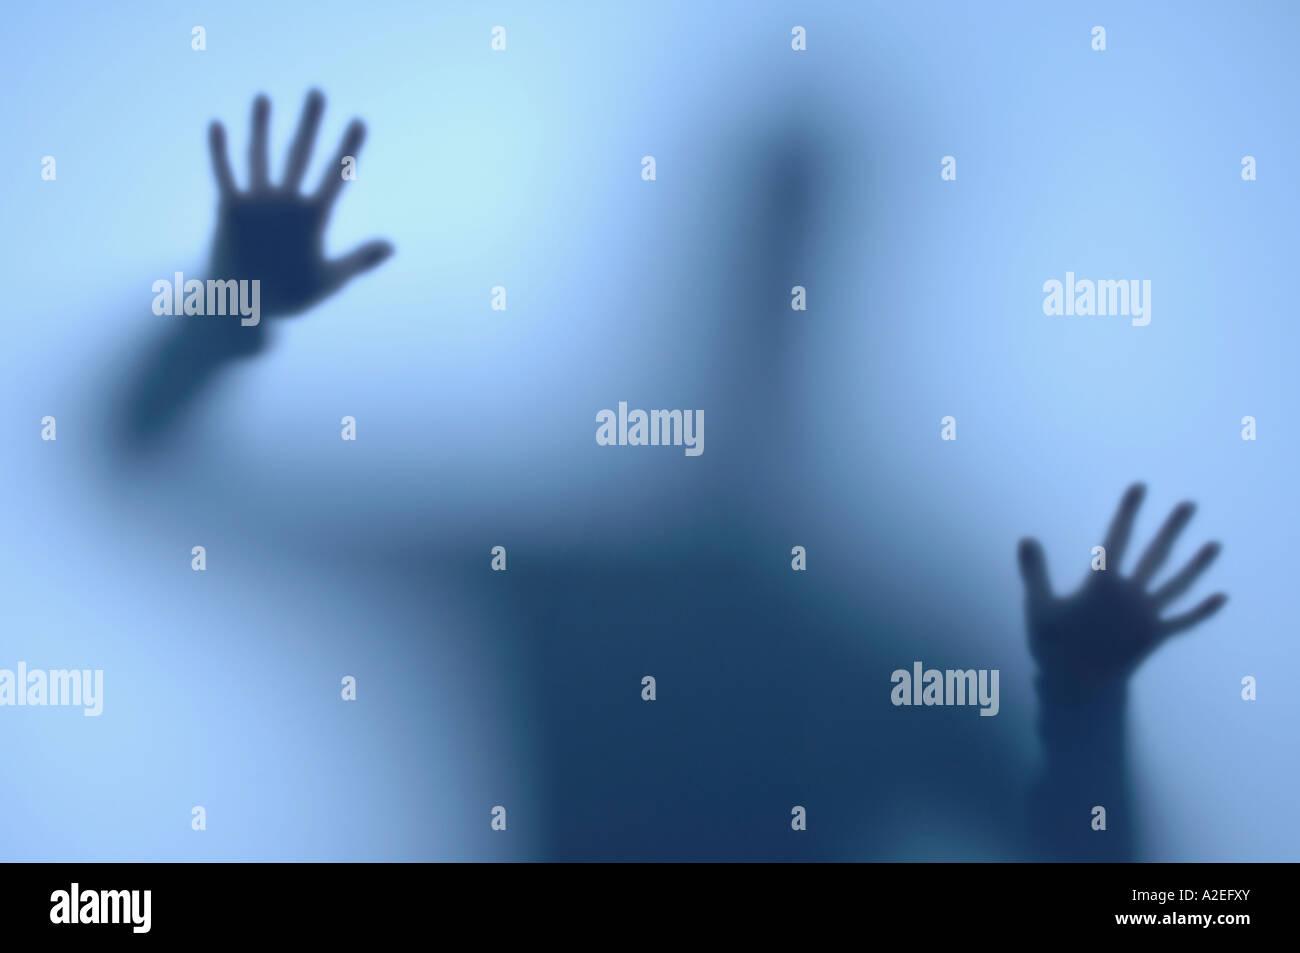 Persona dietro un vetro smerigliato Immagini Stock